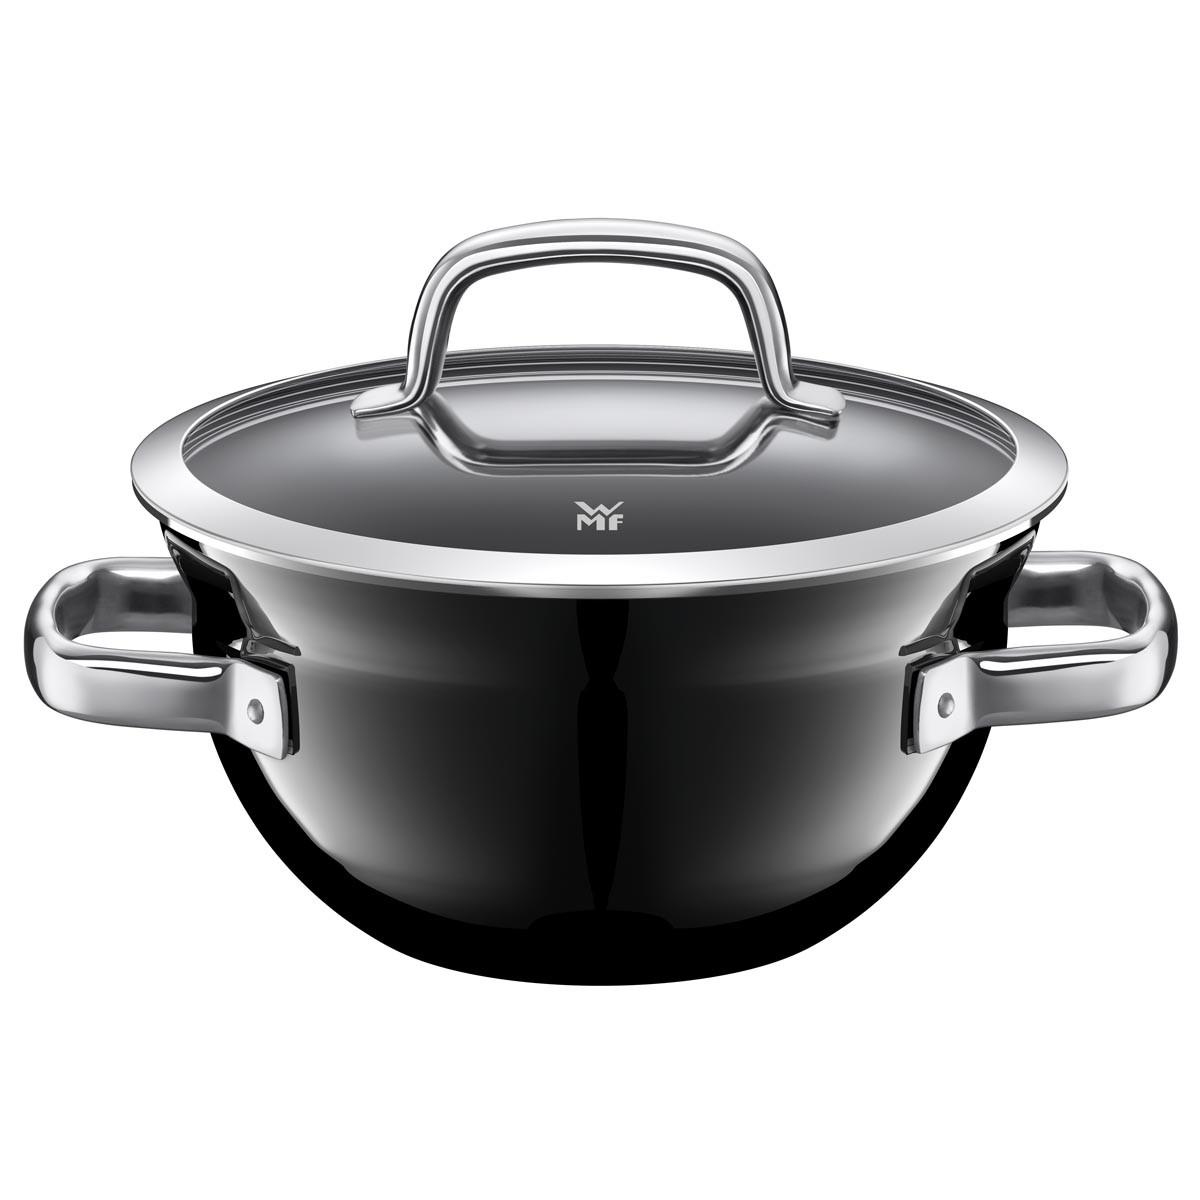 Mísa na vaření s poklicí 24 cm FUSIONTEC černý - WMF